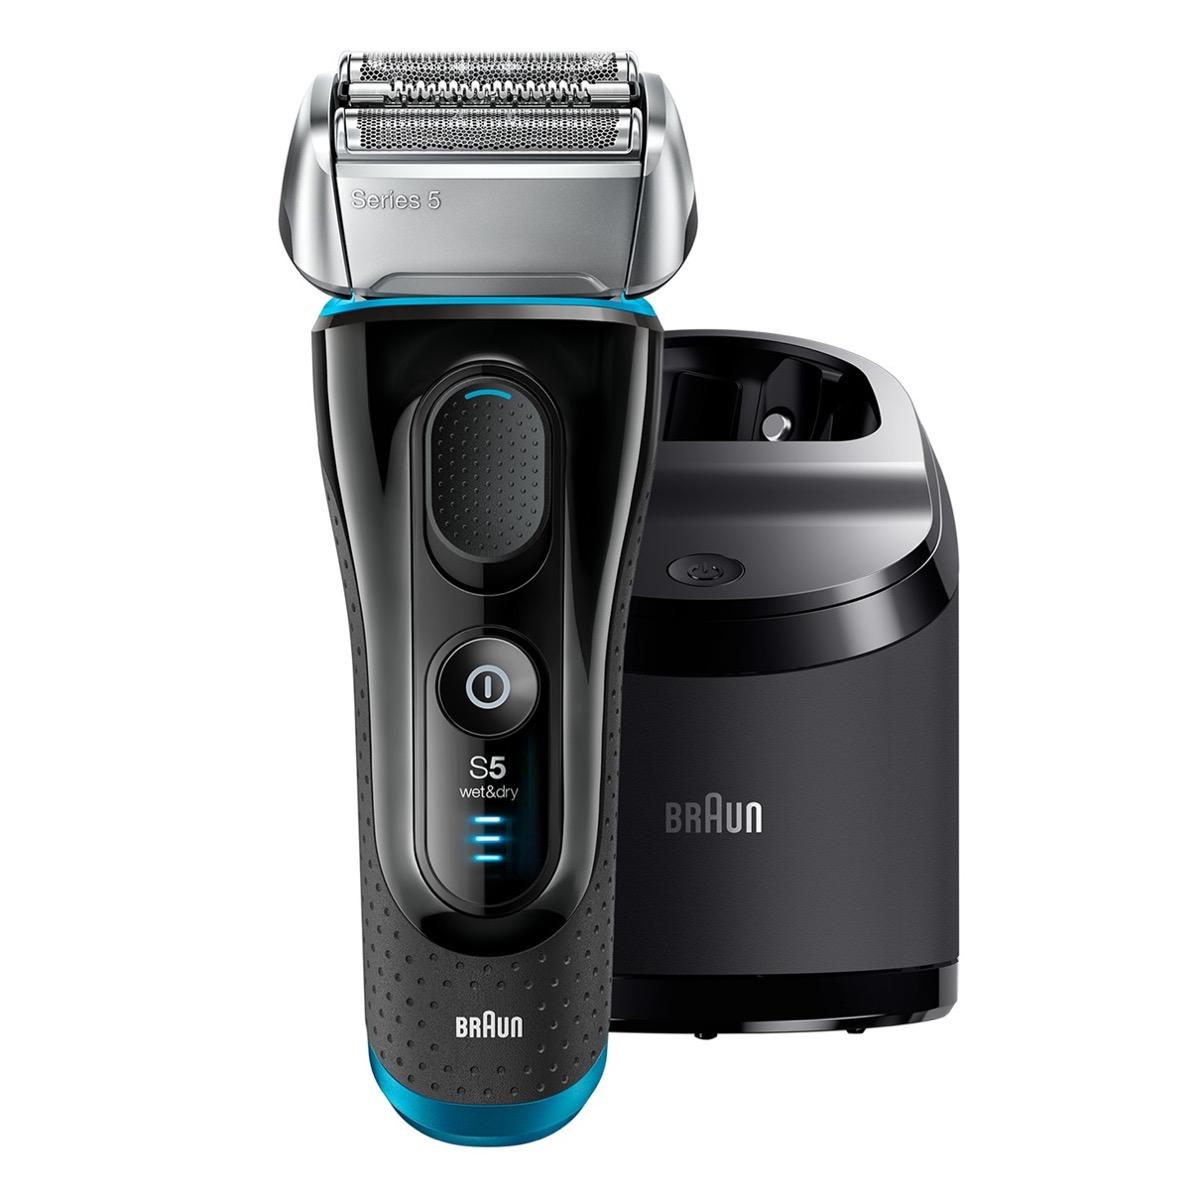 braun-electric shaver, best boyfriend gifts